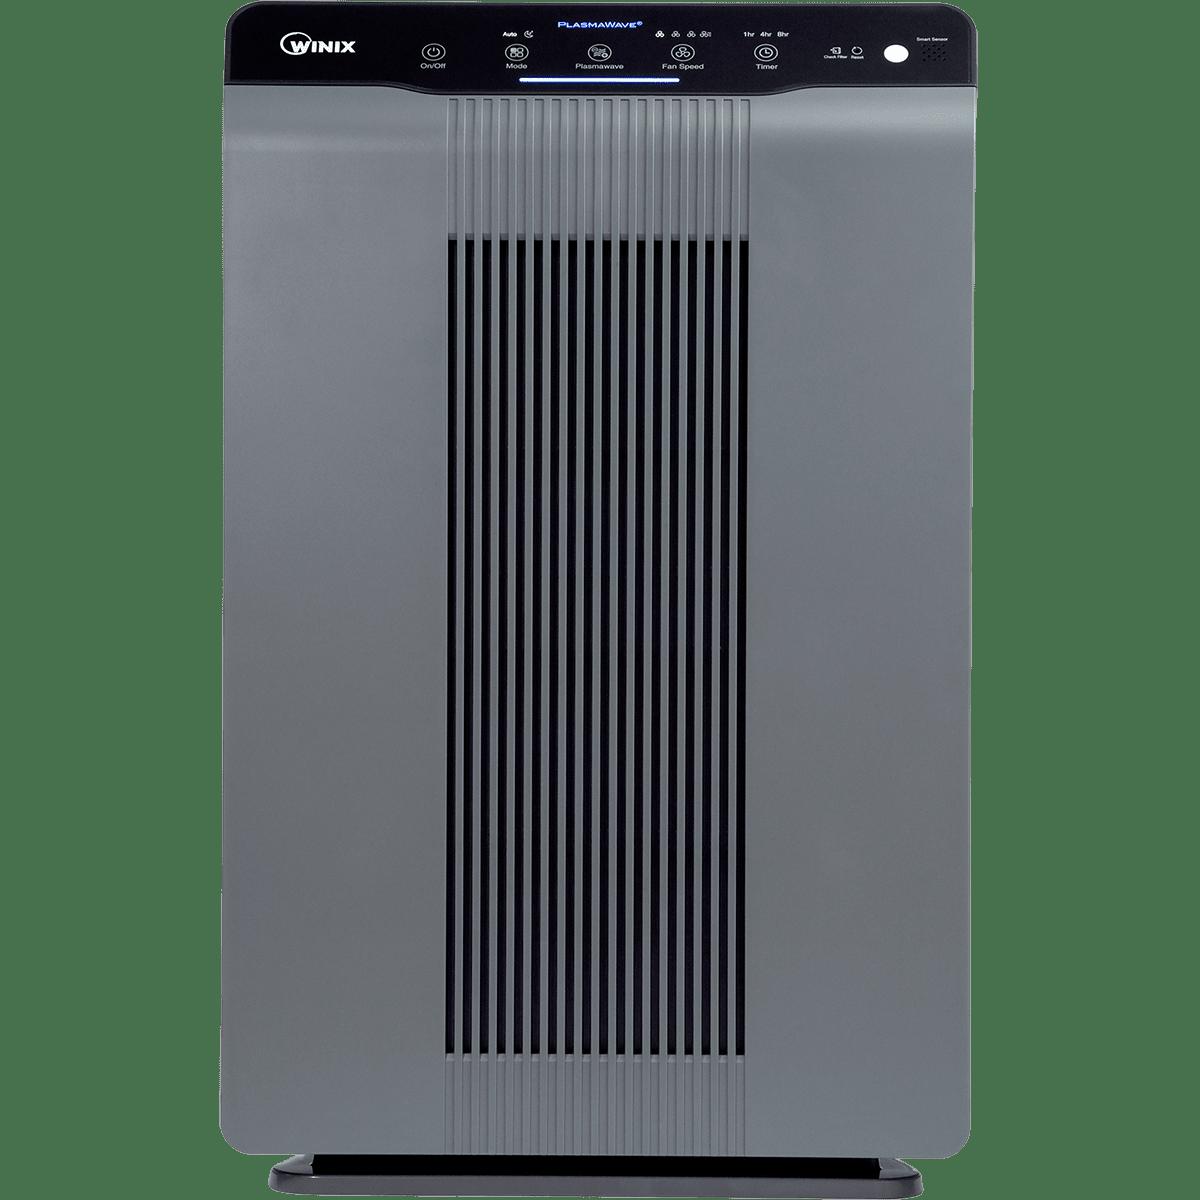 Winix Plasmawave 5300 2 Air Purifier Free Shipping Sylvane